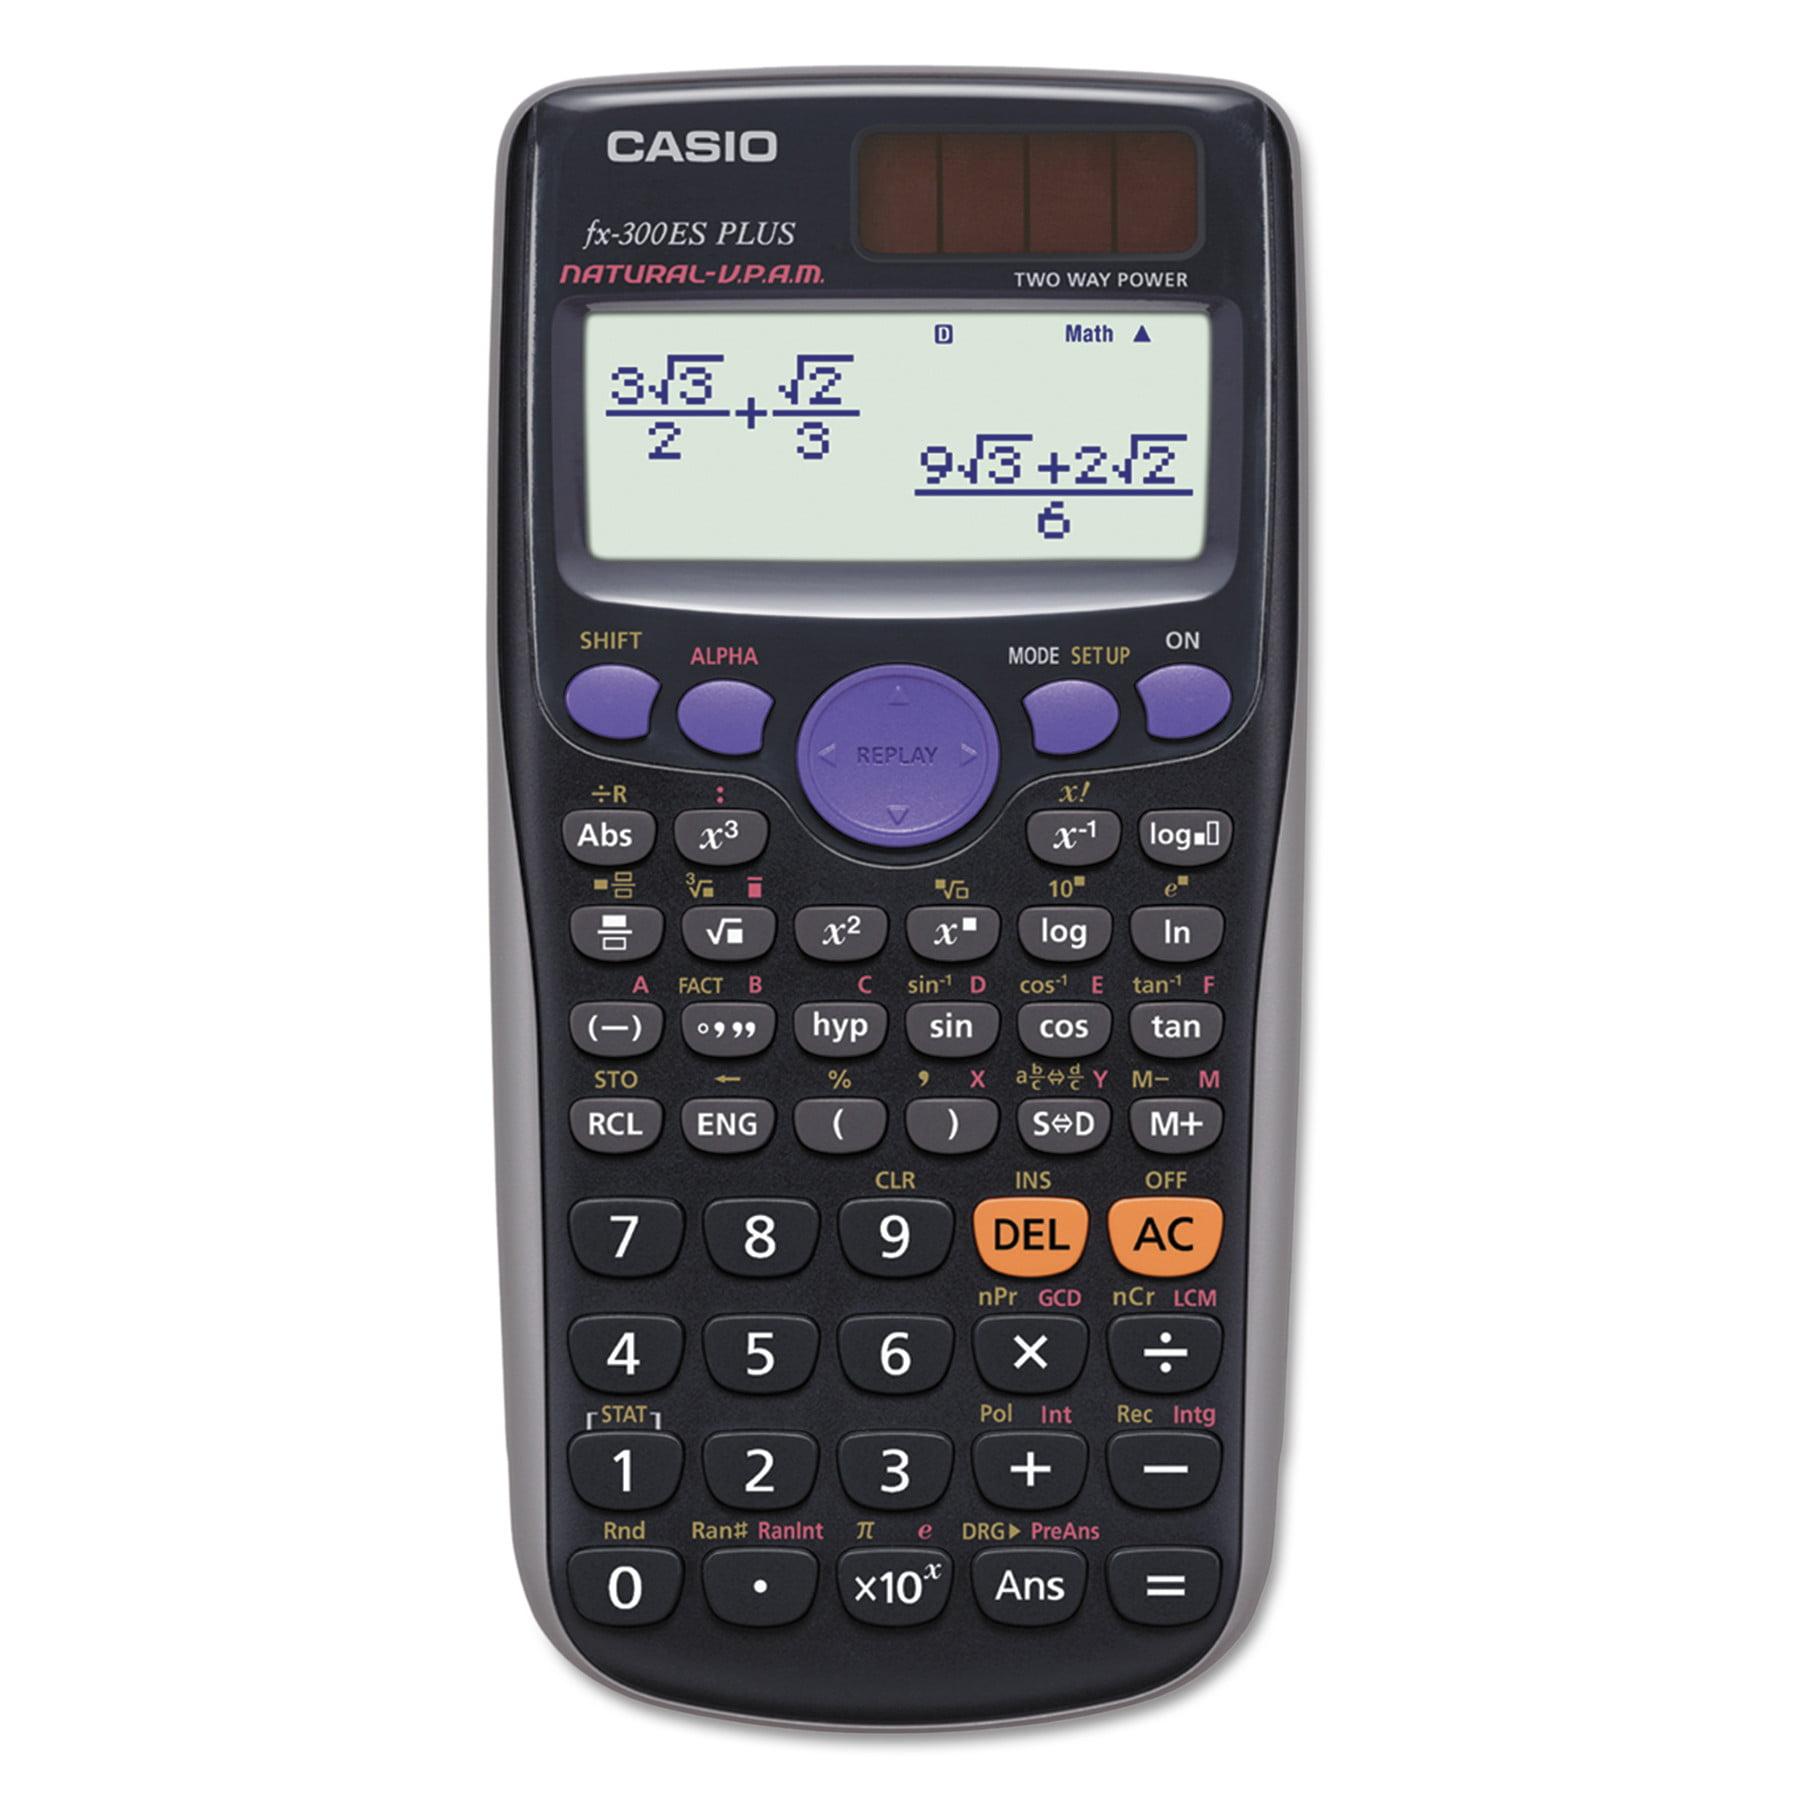 Casio FX-300ES Plus Scientific Calculator, Natural Textbook Display by Casio, Inc.